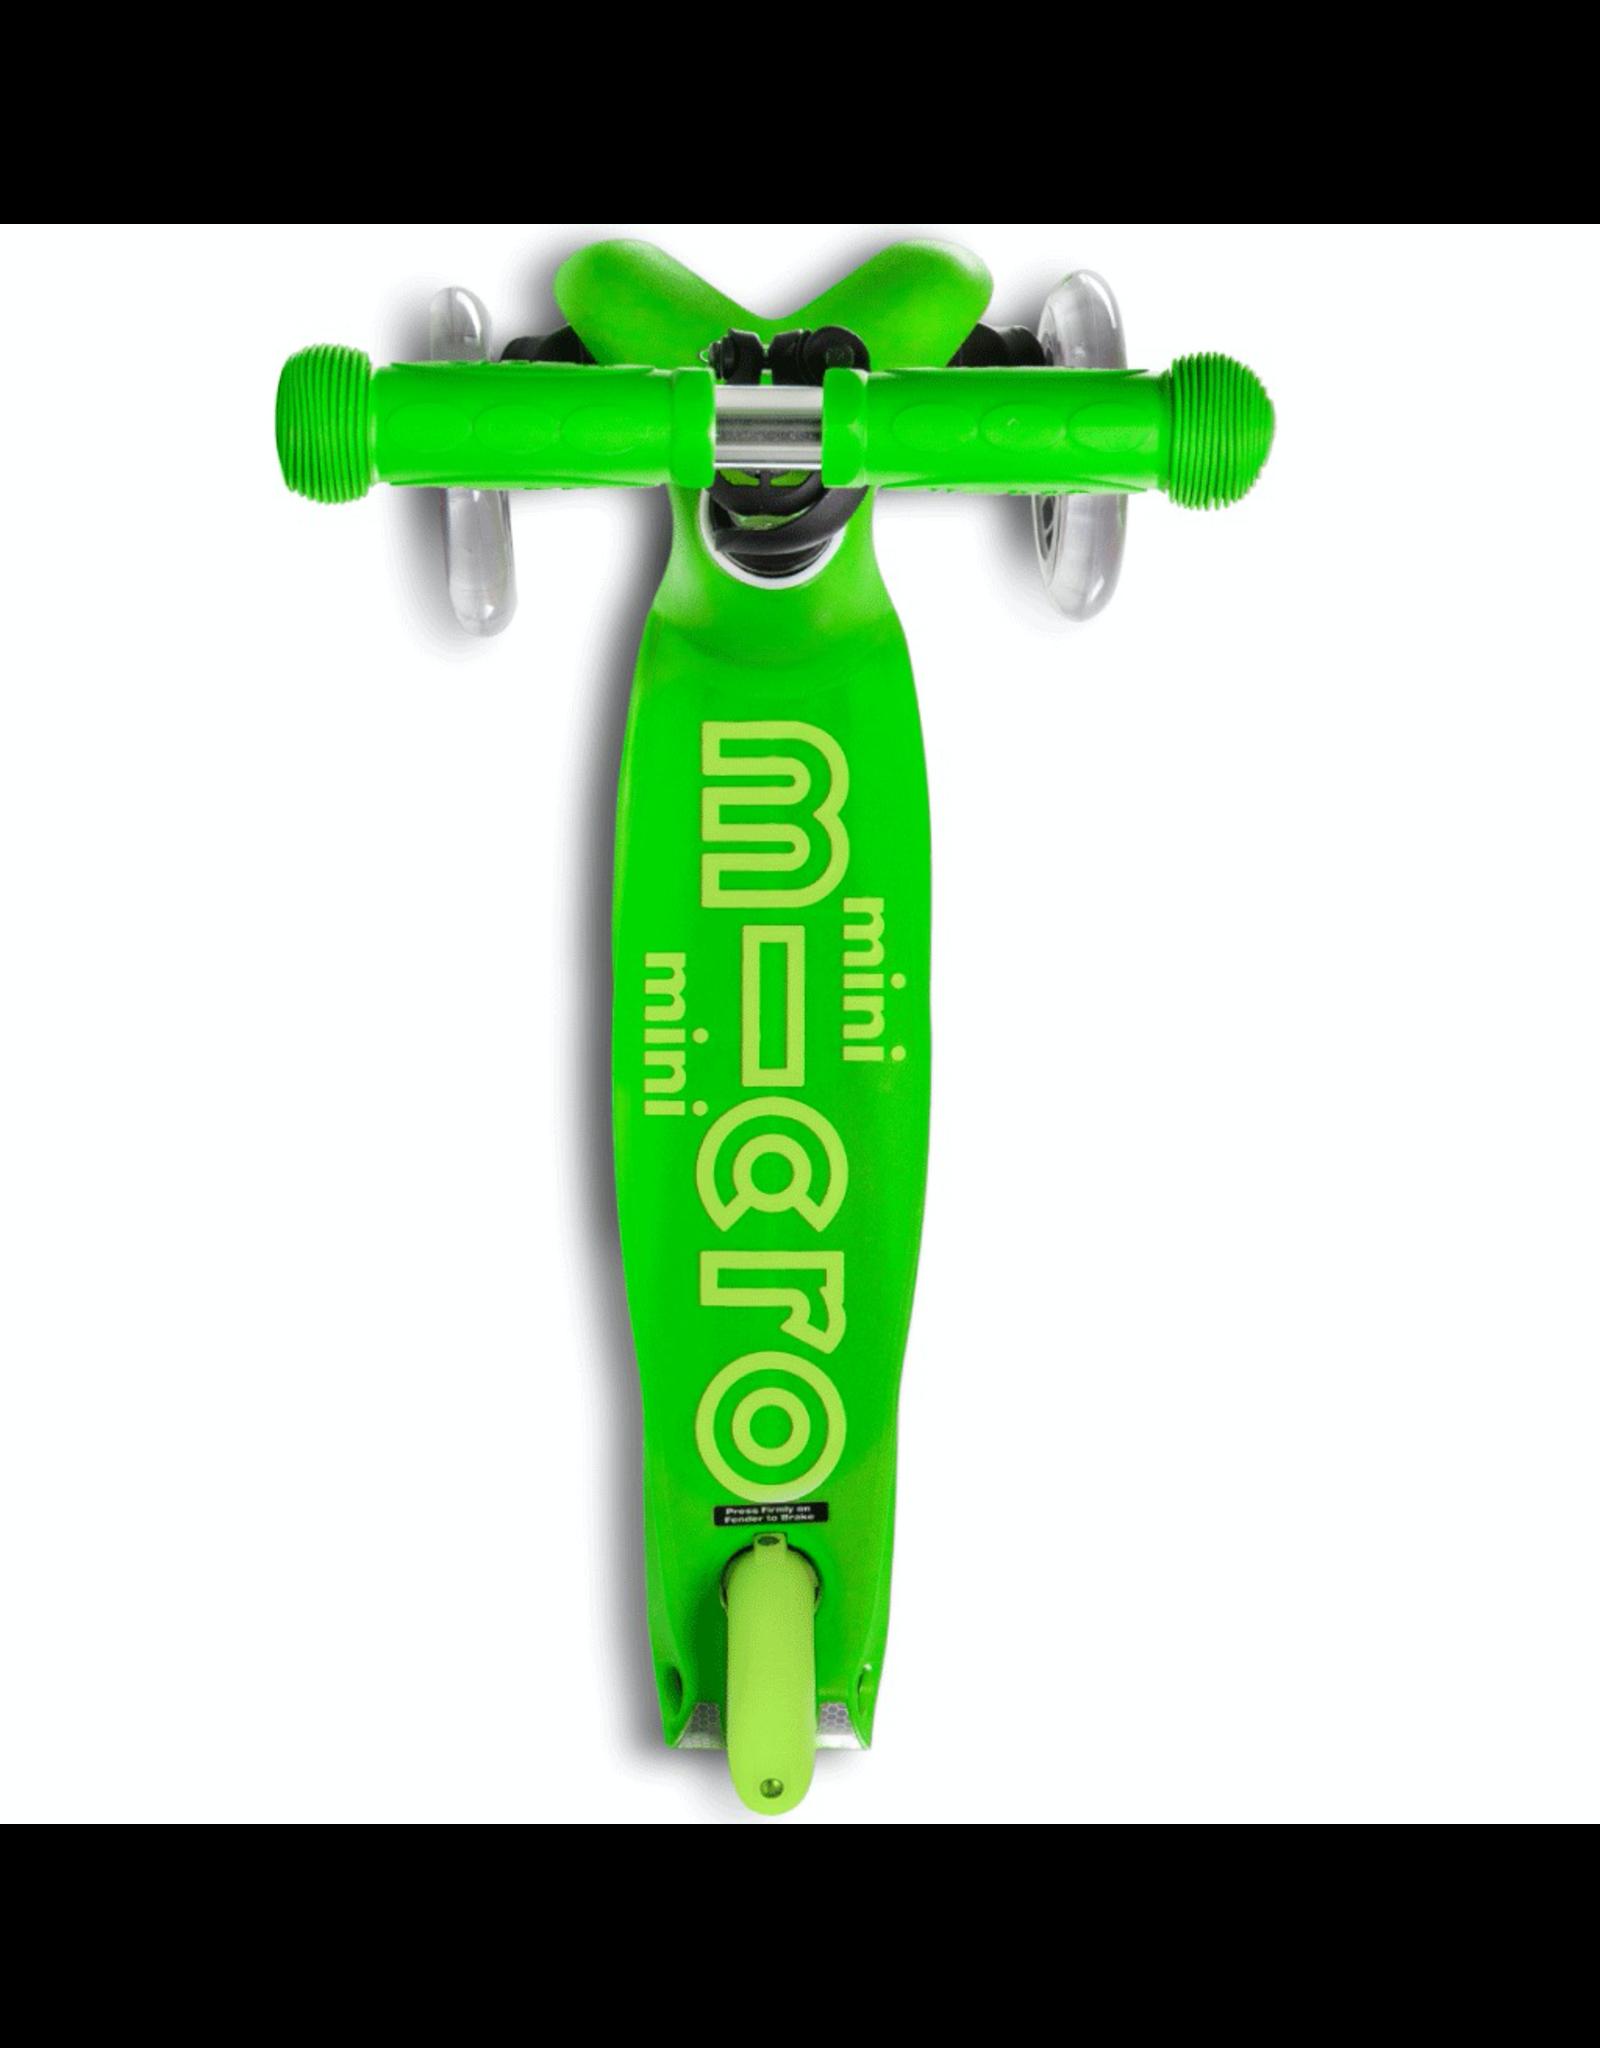 Kickboard Mini Micro Deluxe - Green